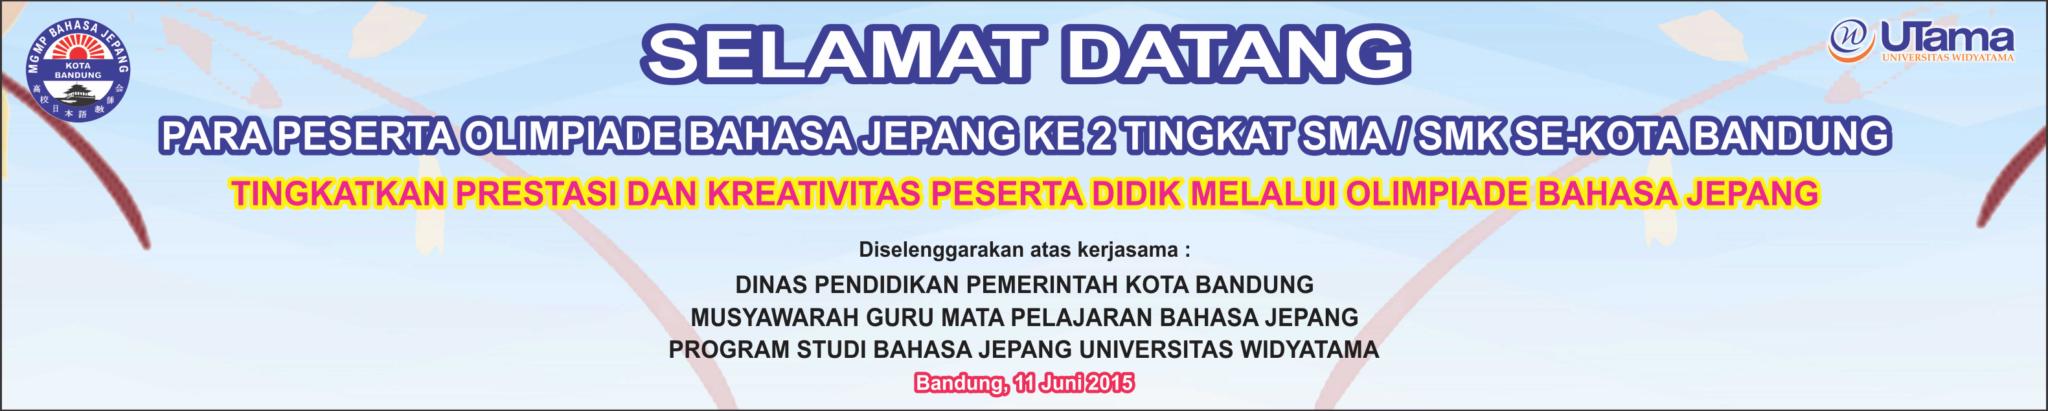 Acara MGMP - Olimpiade Bahasa Jepang Ke-2 Tingkat SMA/SMK Se-Kota Bandung